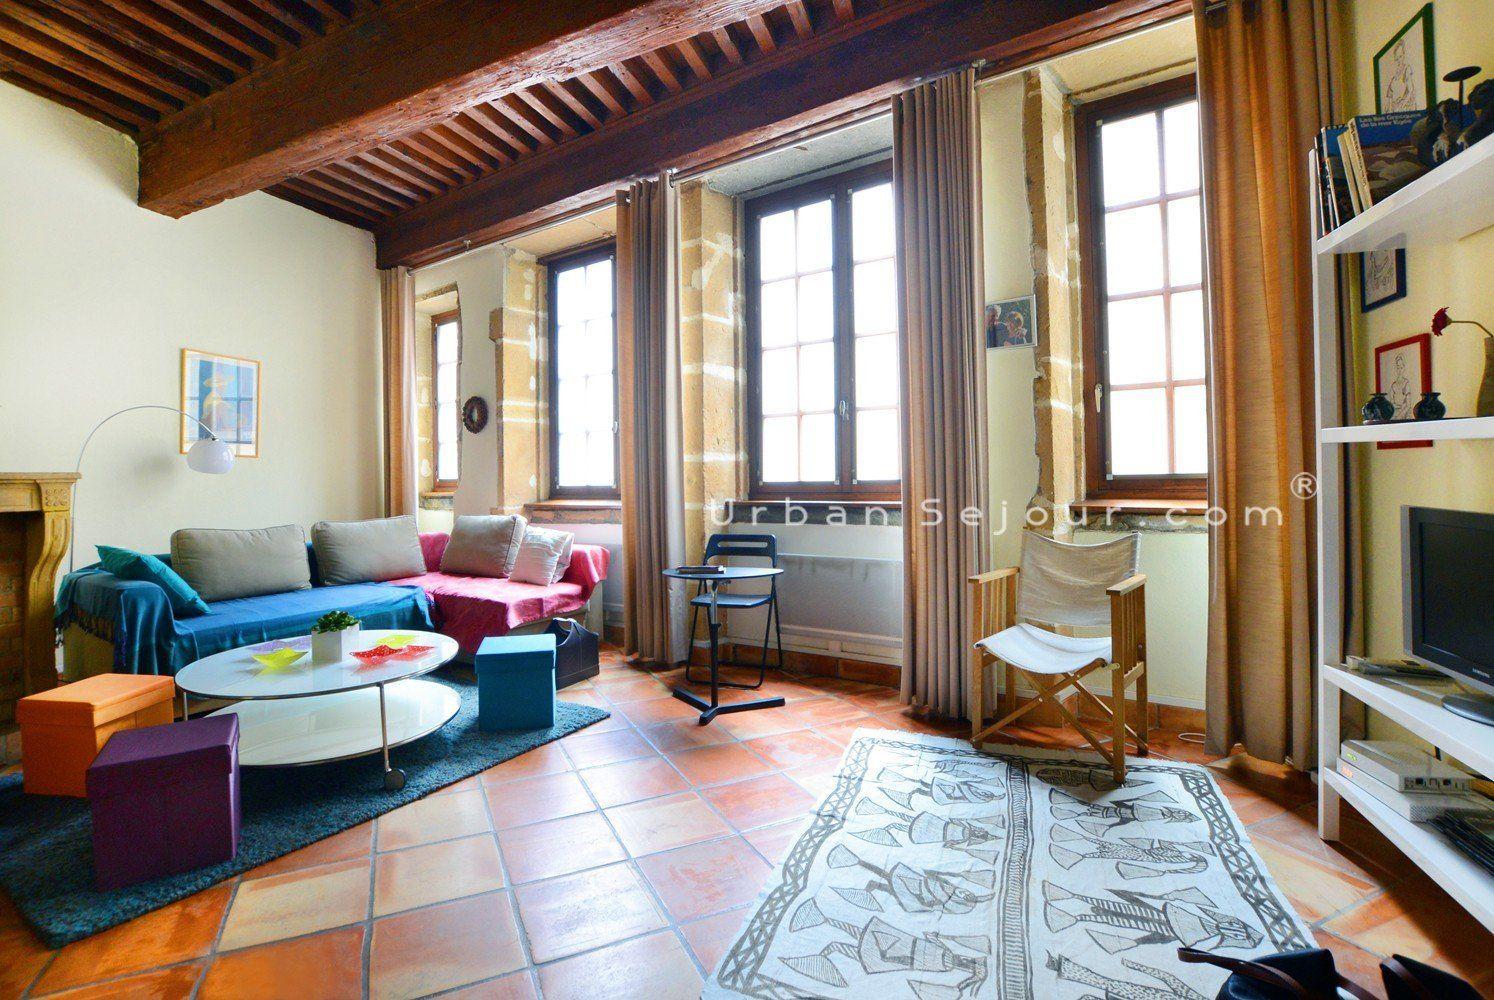 location appartement meubl avec 1 chambre location saisonni re lyon 5 vieux lyon gourguillon. Black Bedroom Furniture Sets. Home Design Ideas